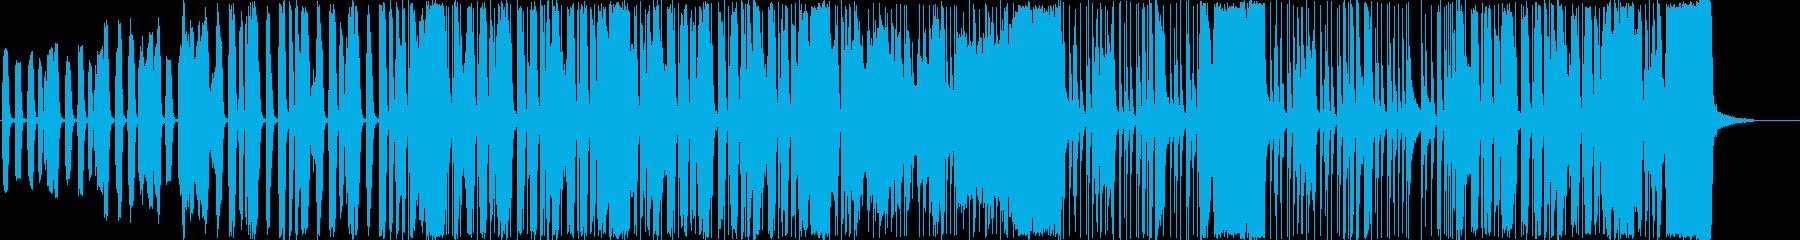 ブラスの軽快なサウンドとスピード。の再生済みの波形